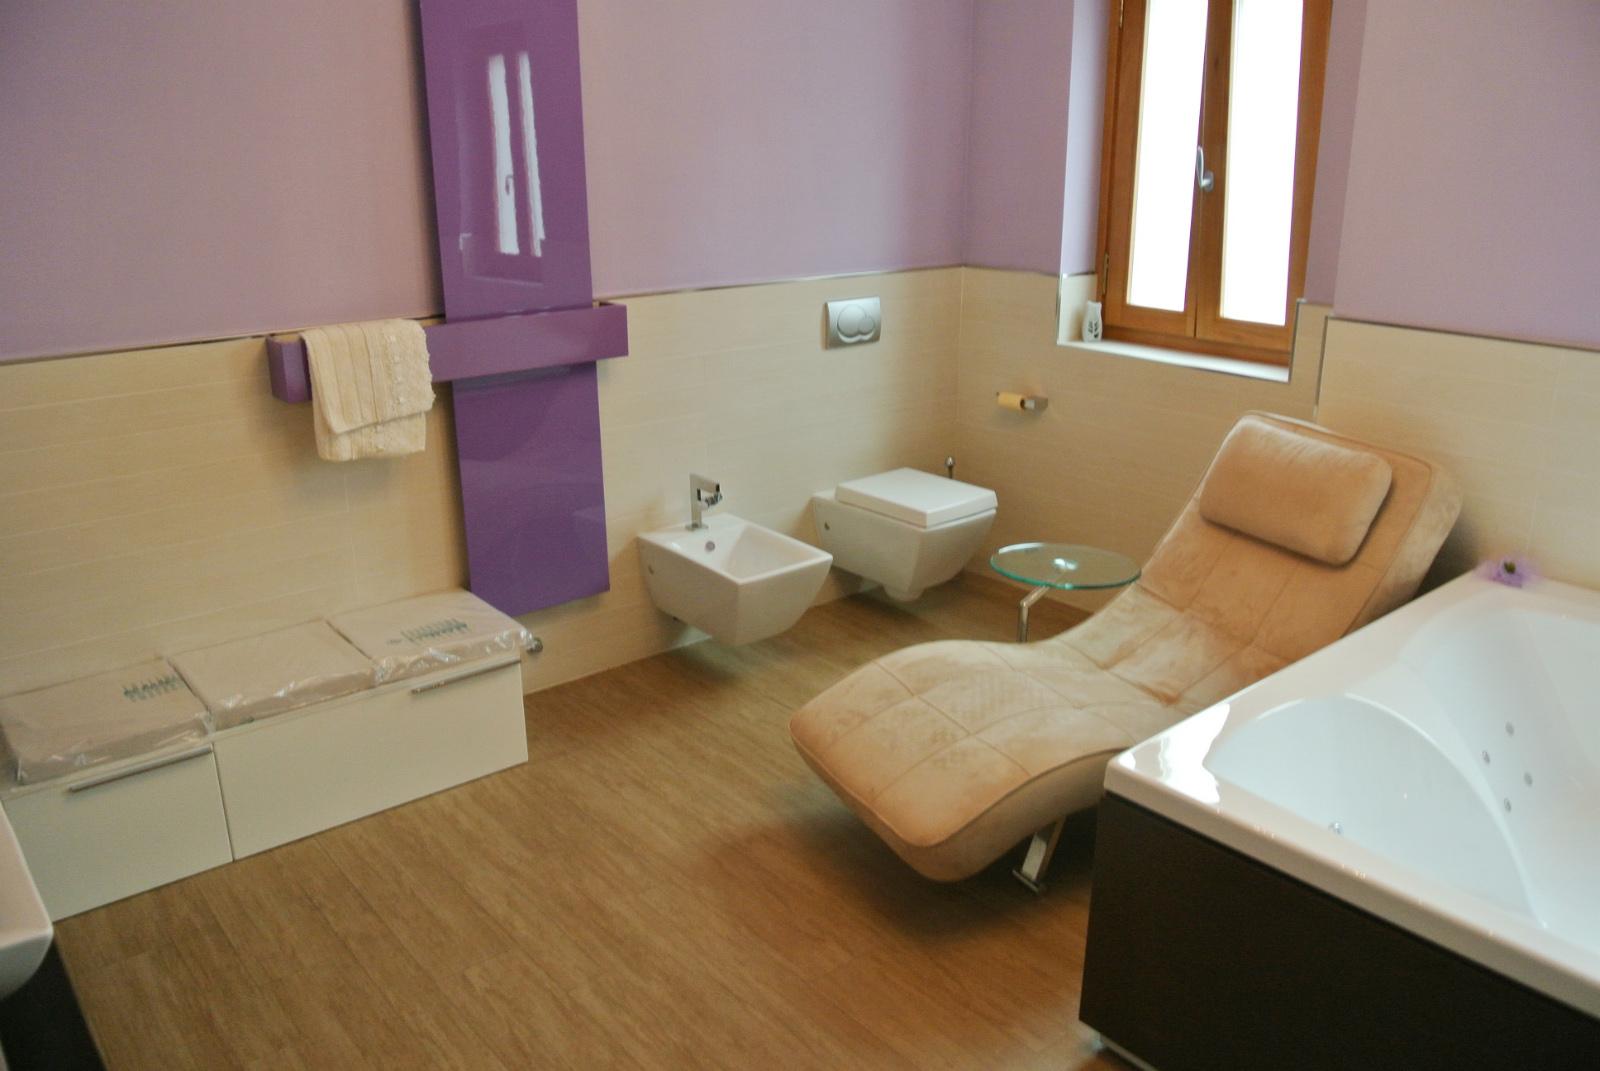 sintesibagno-verbania-svizzera-canton-ticino-vasca-da-bagno-doppia-grande-dimensione-bagno-completo-arredobagno-03